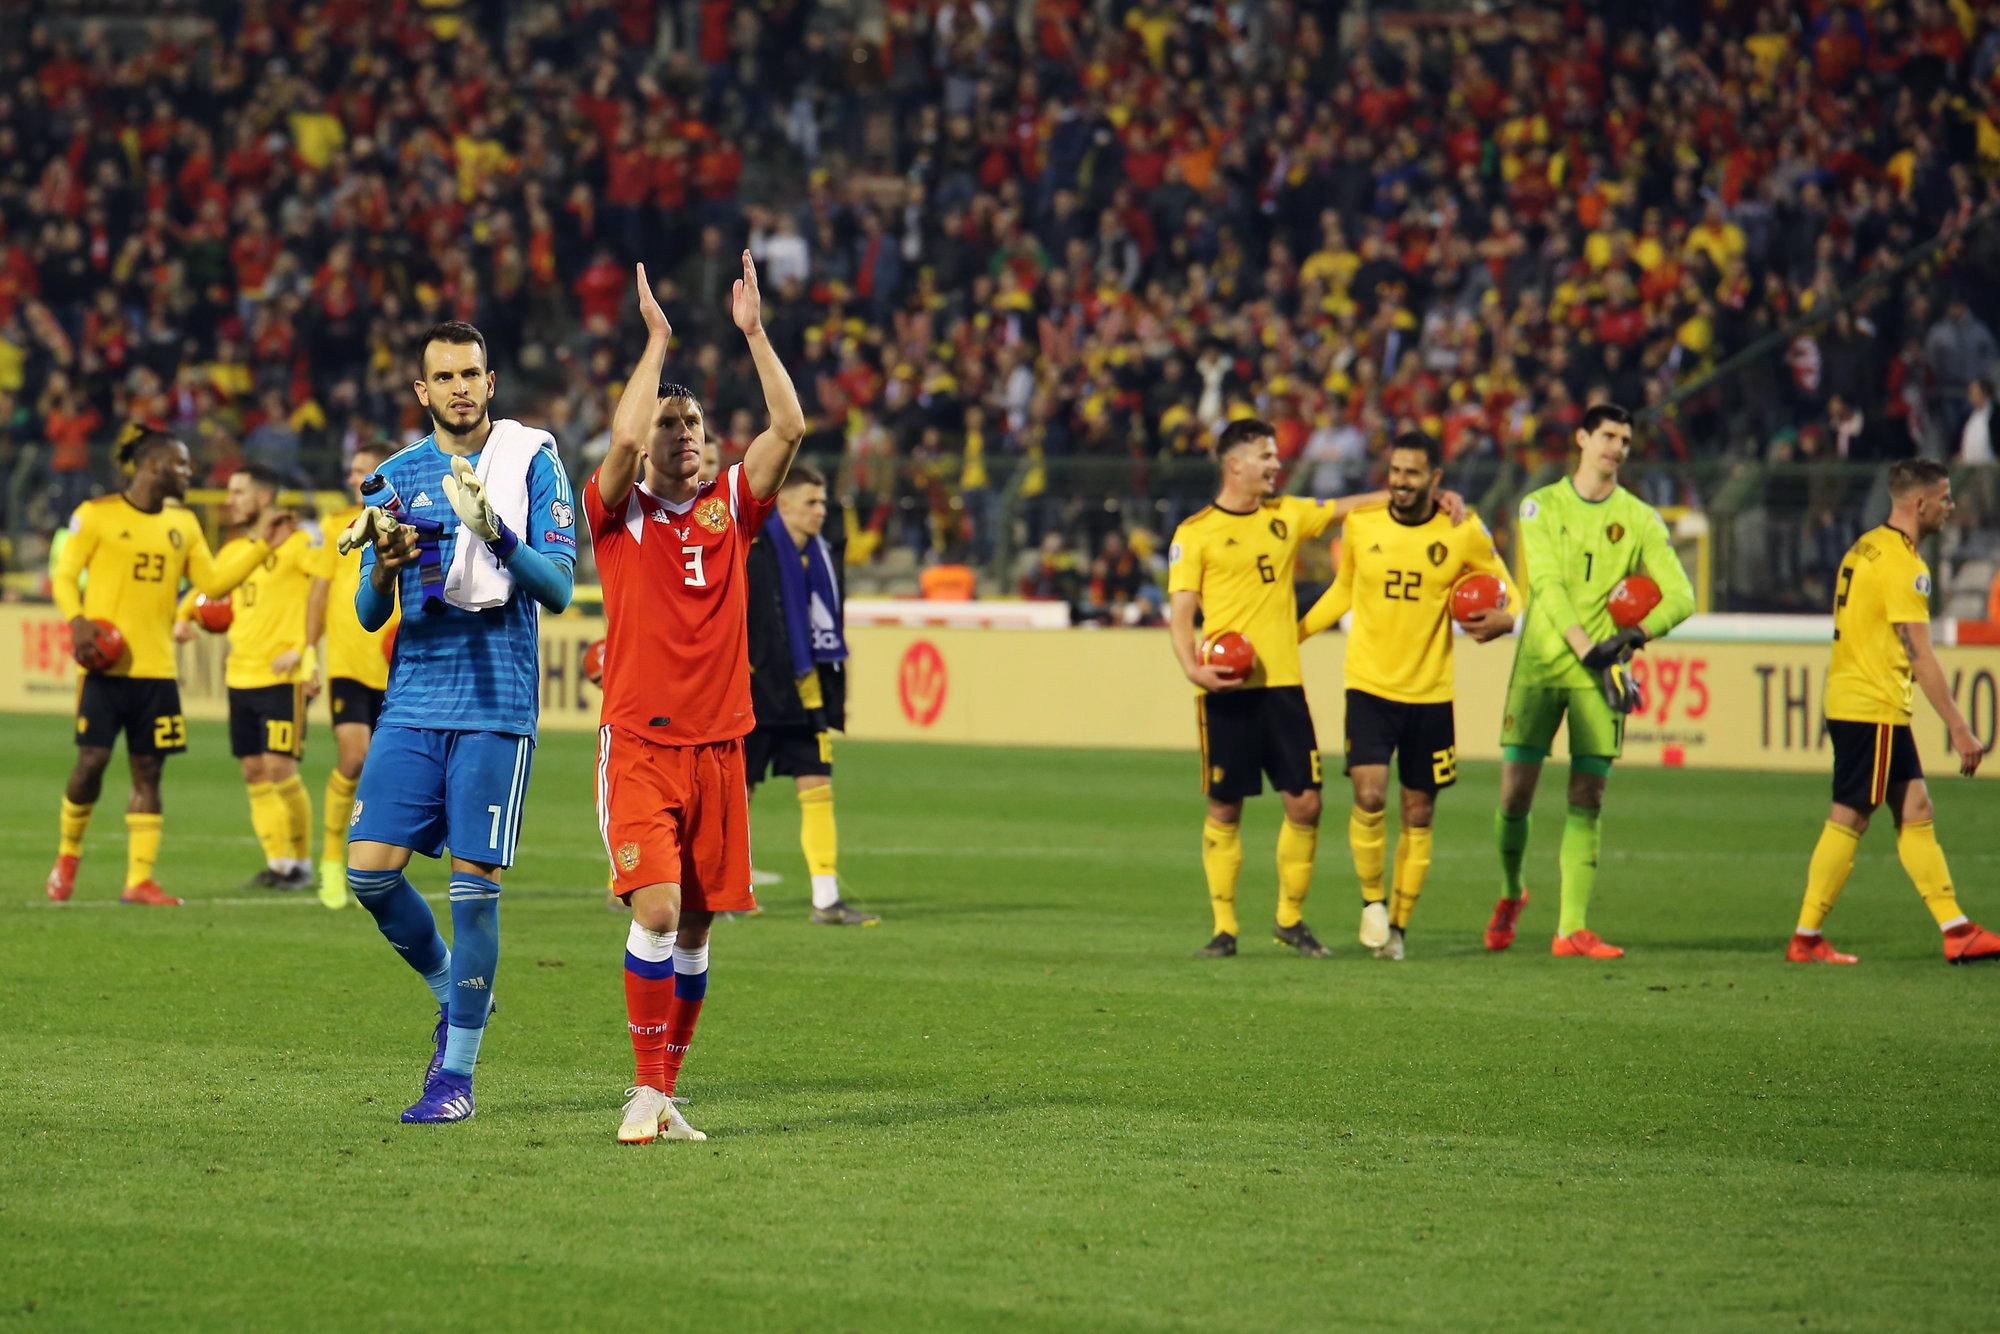 «Бельгия — бронзовый призер ЧМ, чего вы хотели?»